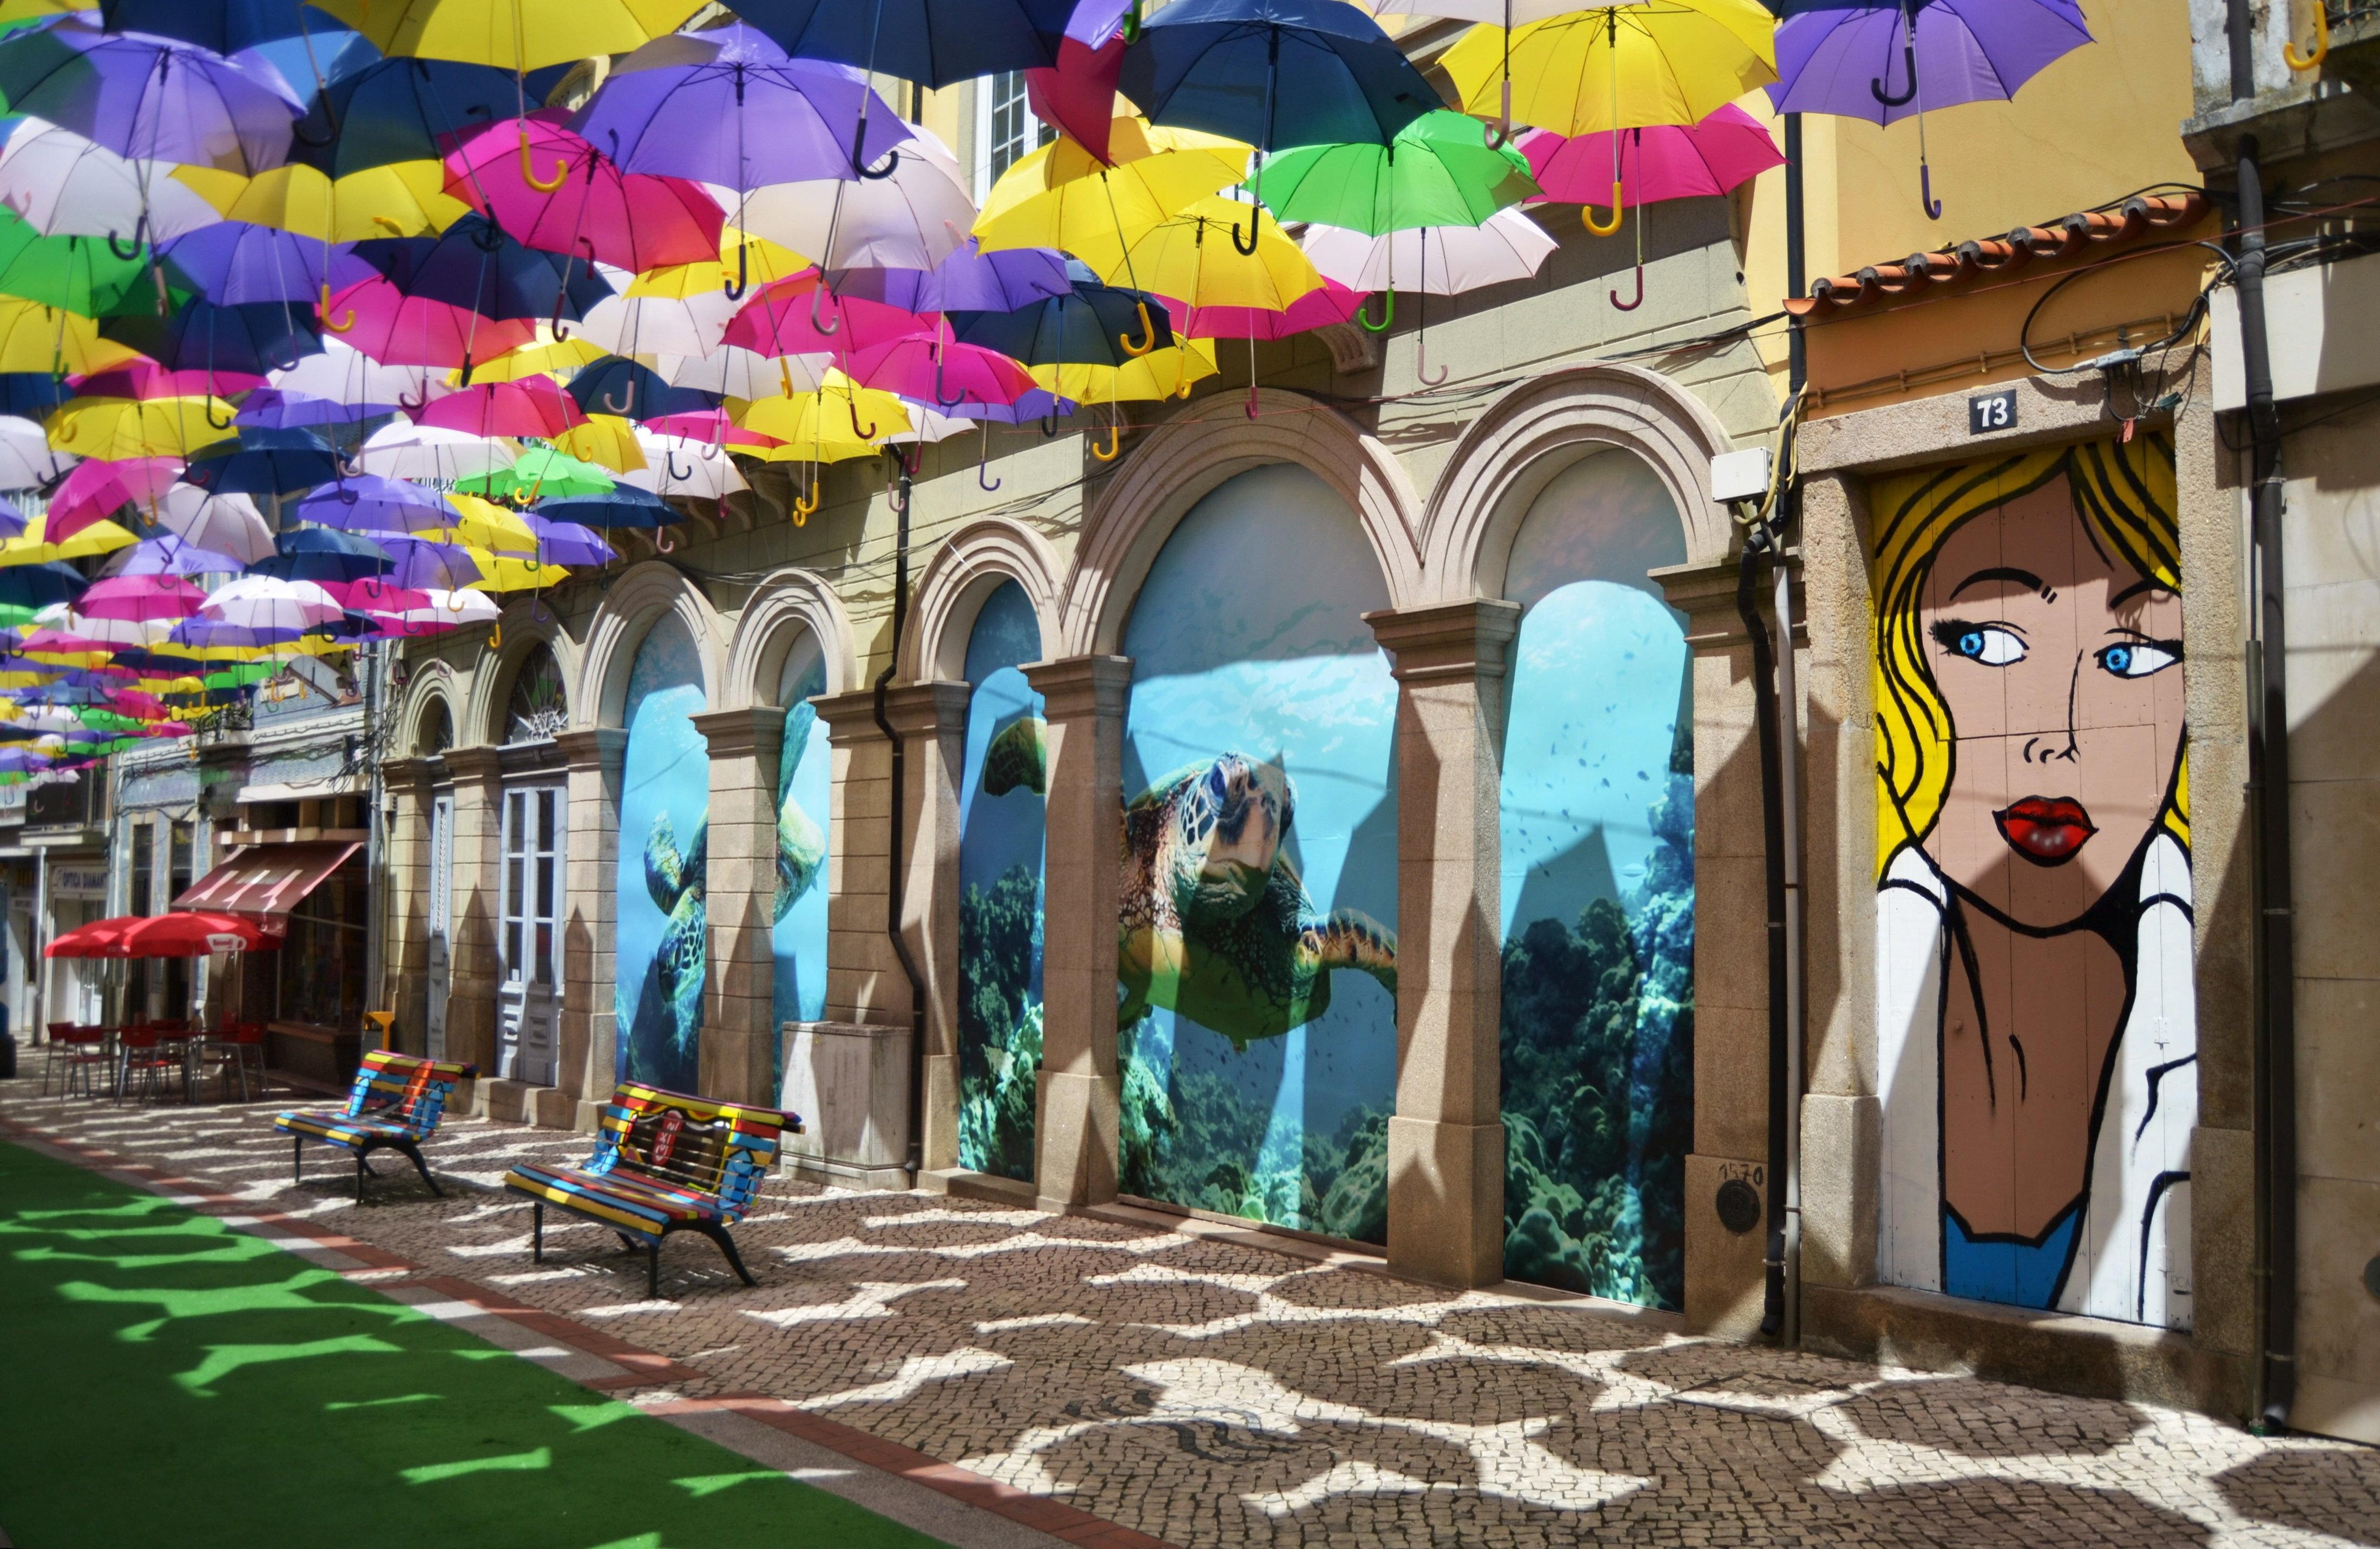 GRA029. ÁGUEDA (PORTUGAL), 06/08/2014.- Fotografía facilitada por la empresa Sextafeira, de una calle de la pequeña localidad de Águeda, en el interior de Portugal, invadida de color en forma de paraguas flotantes, bancos pintados y grafitis en las paredes que atraen a miles de turistas a esta ciudad, revivida con un proyecto de arte urbano de bajo coste. La iniciativa surgió del consistorio que buscaba dar respuestas a las quejas de comerciantes en el centro histórico tras haber perdido clientes por la peatonalización de varias calles. EFE/ ***SOLO USO EDITORIAL***